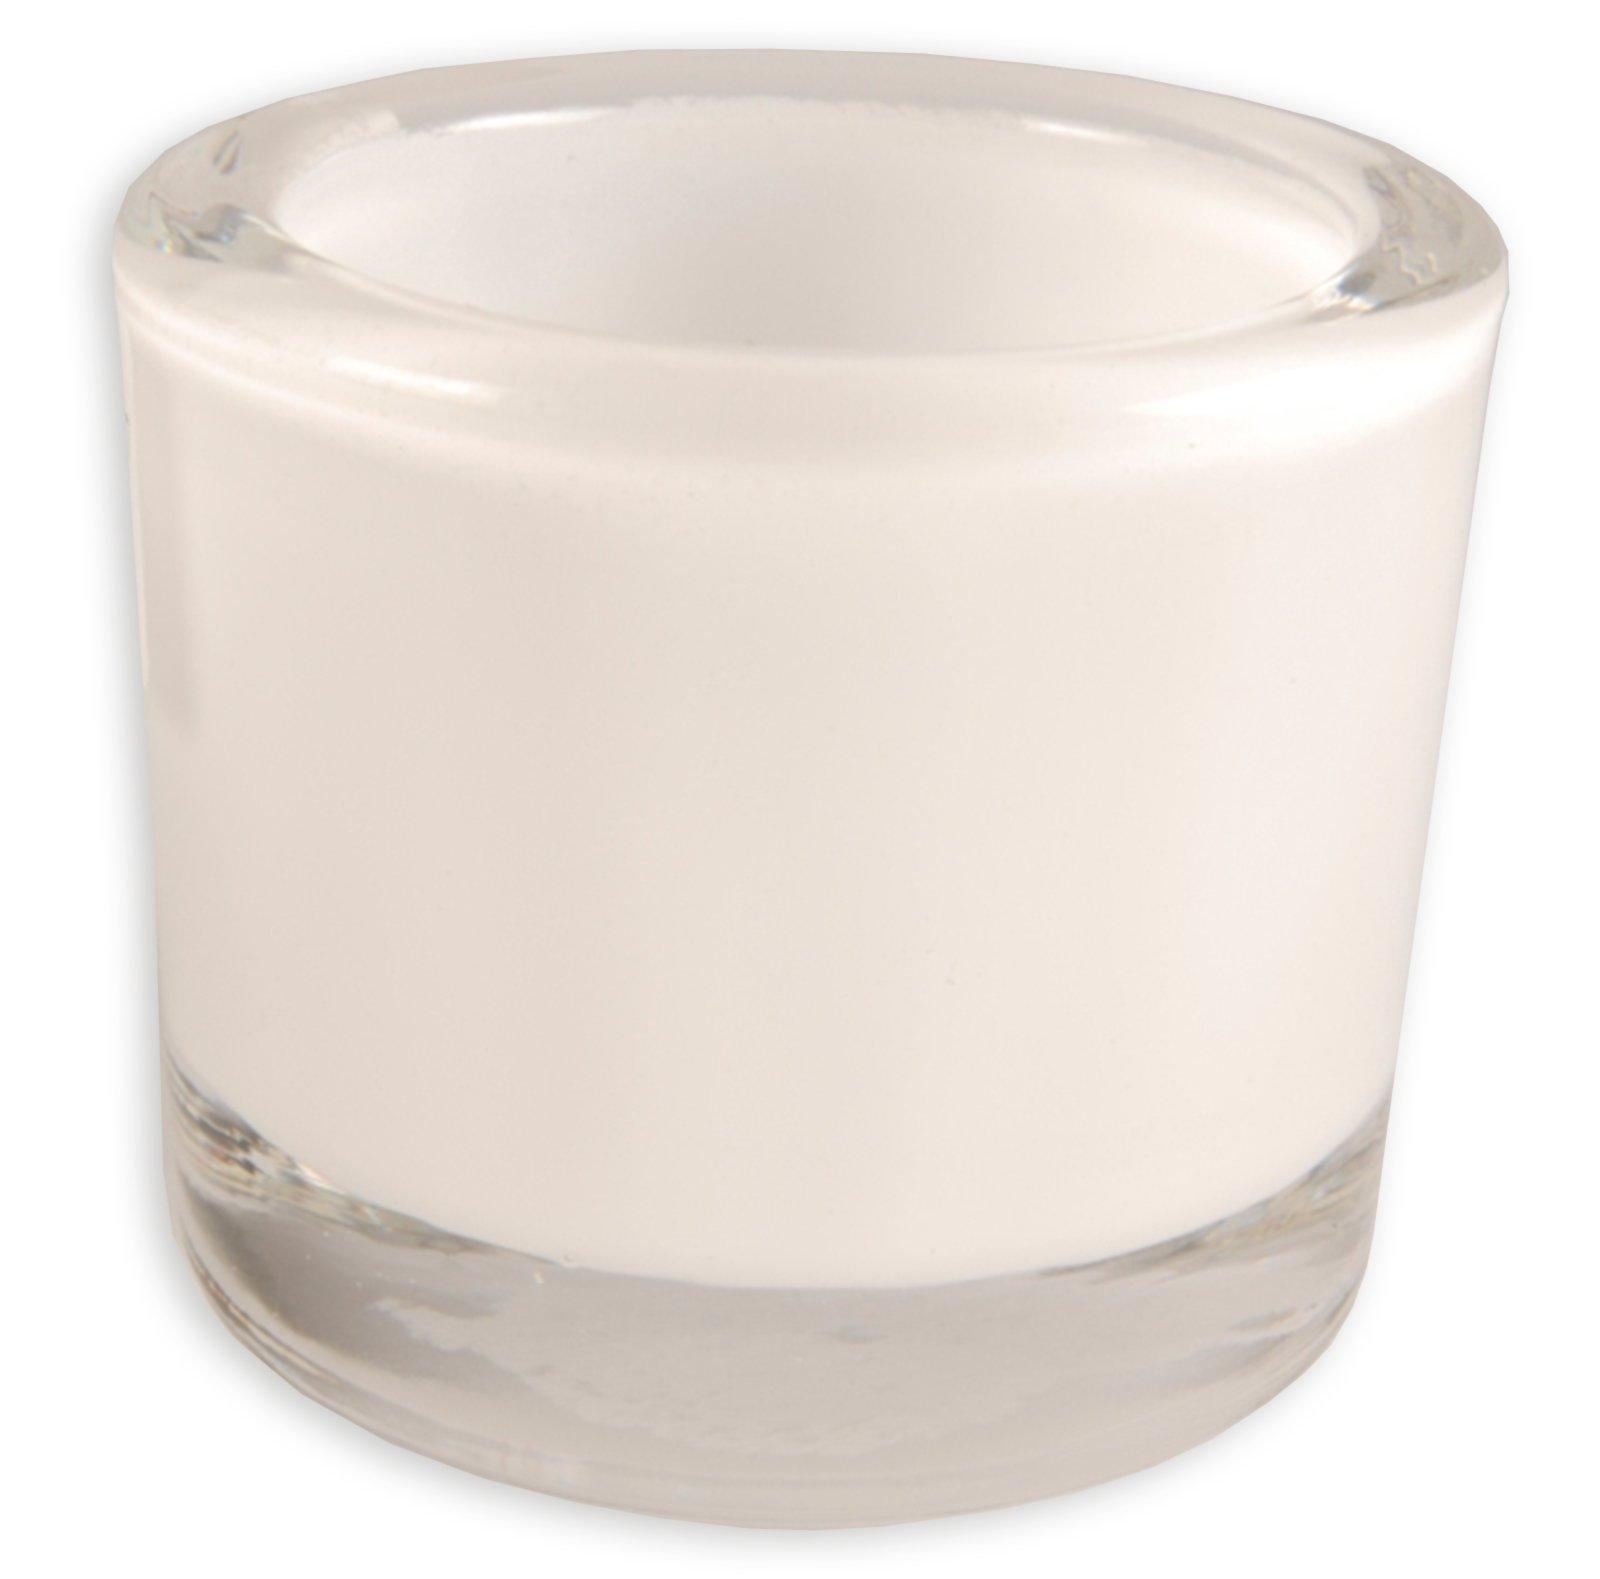 Teelichtglas - weiß - Ø 9 cm - 8 cm hoch